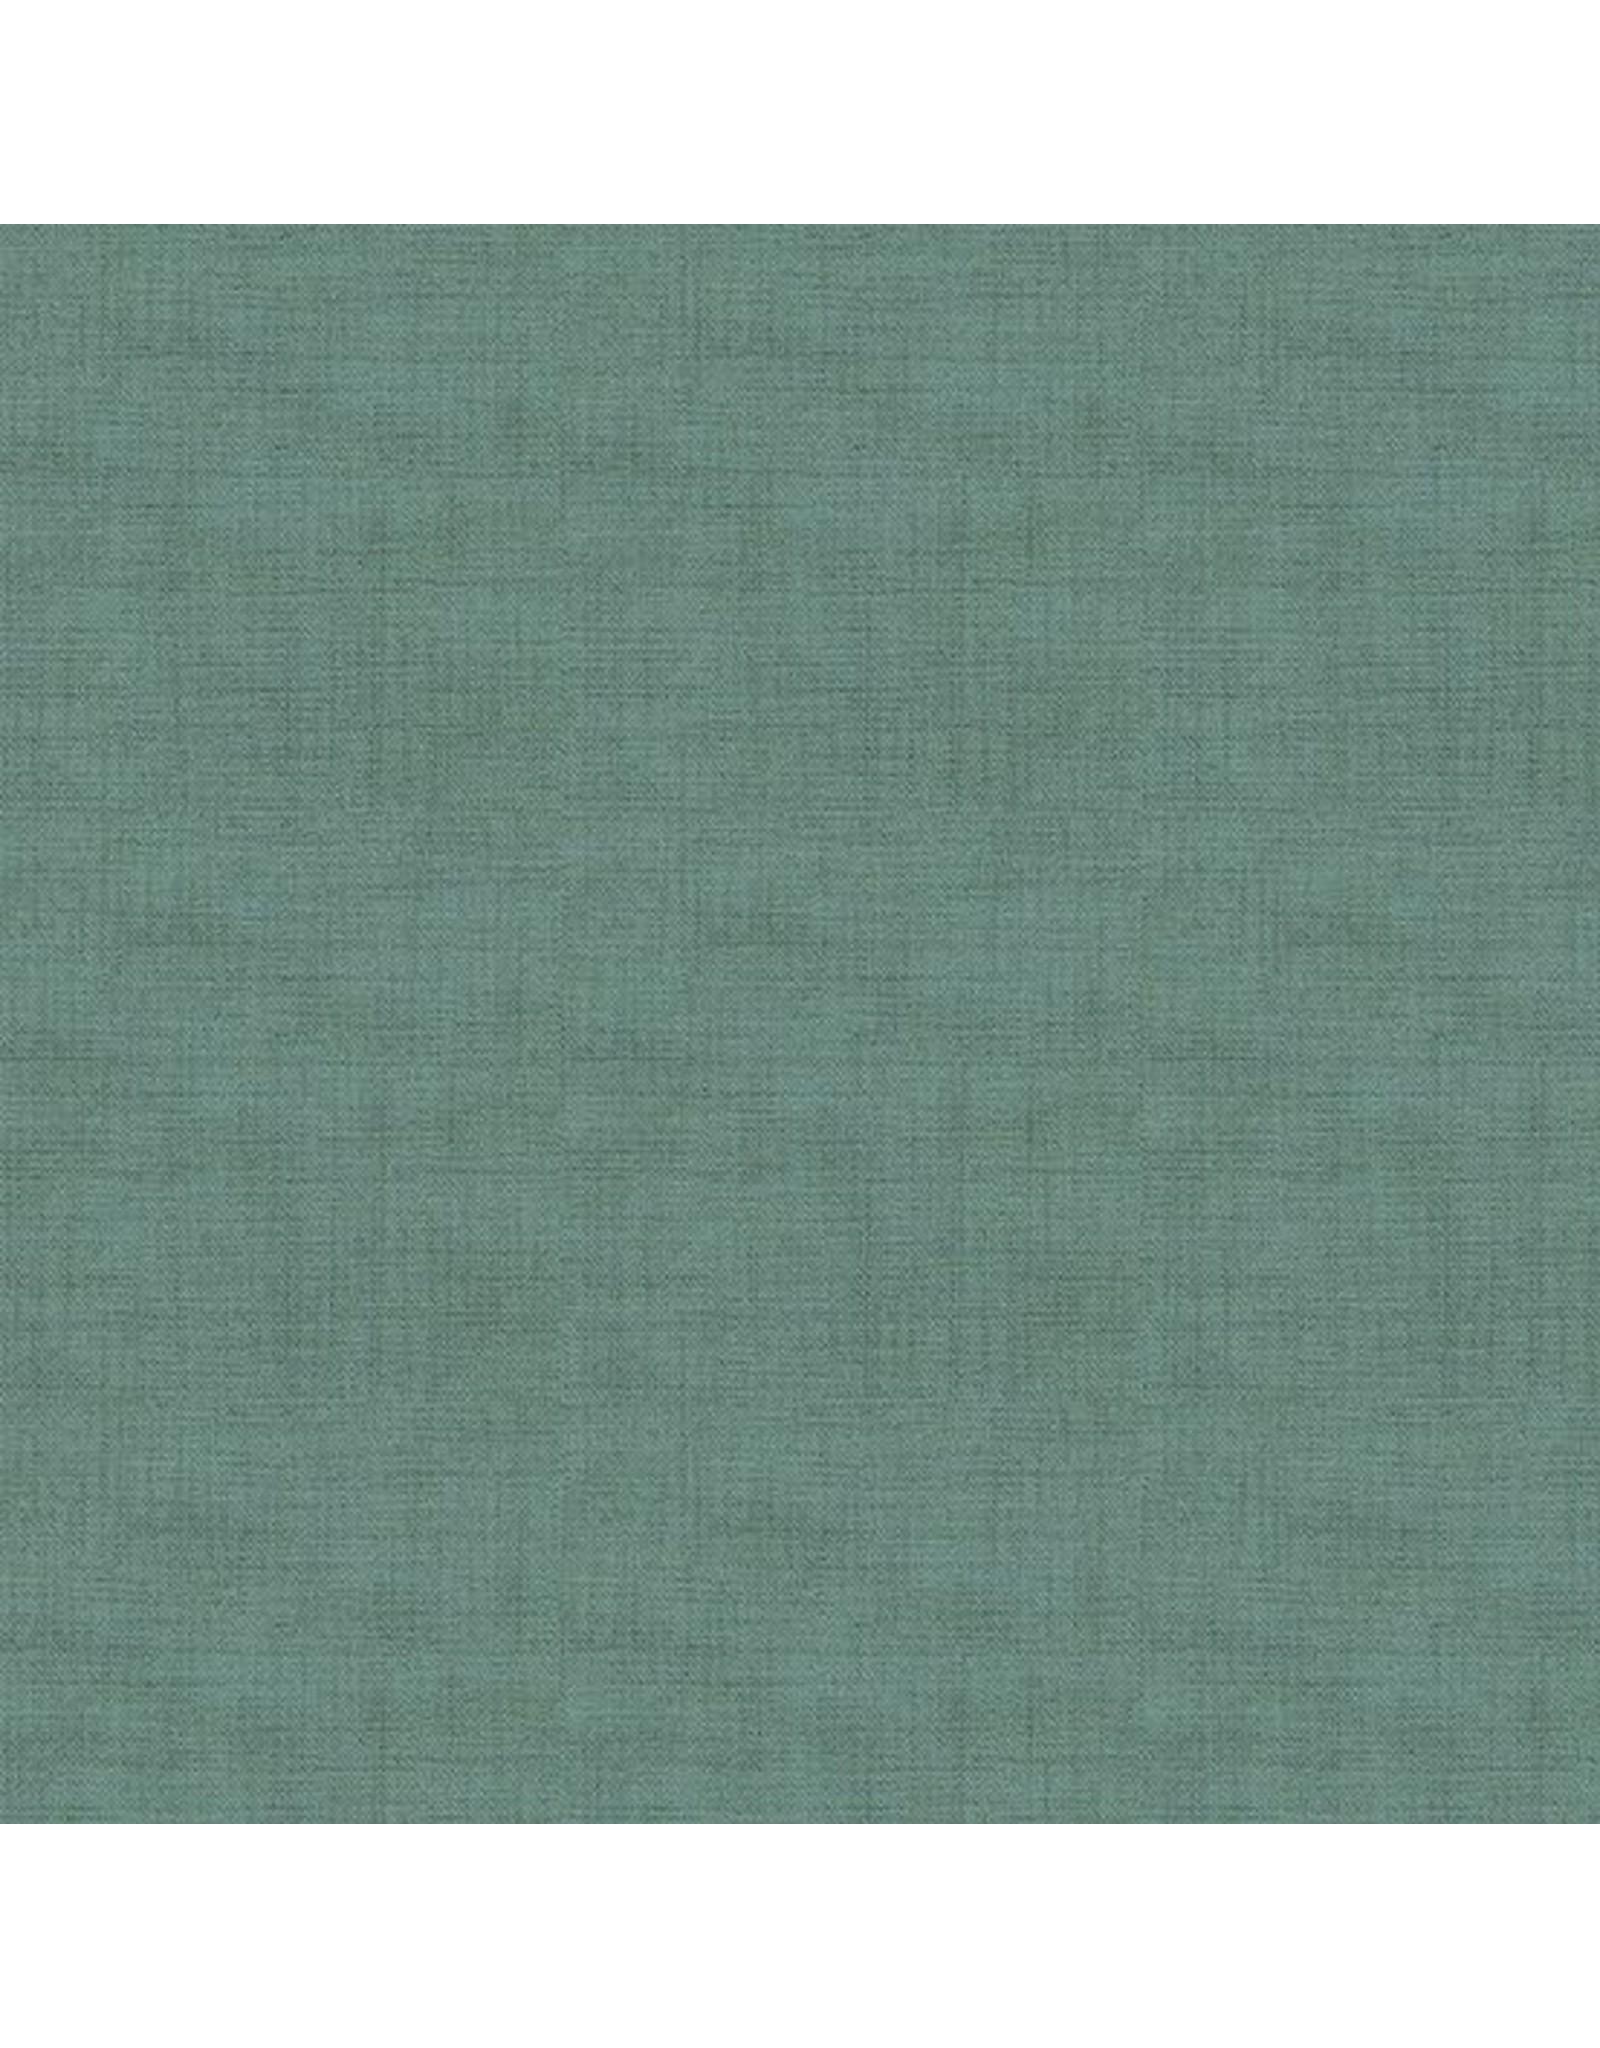 Makower UK Linen Texture - Smoky coupon (± 35 x 110 cm)